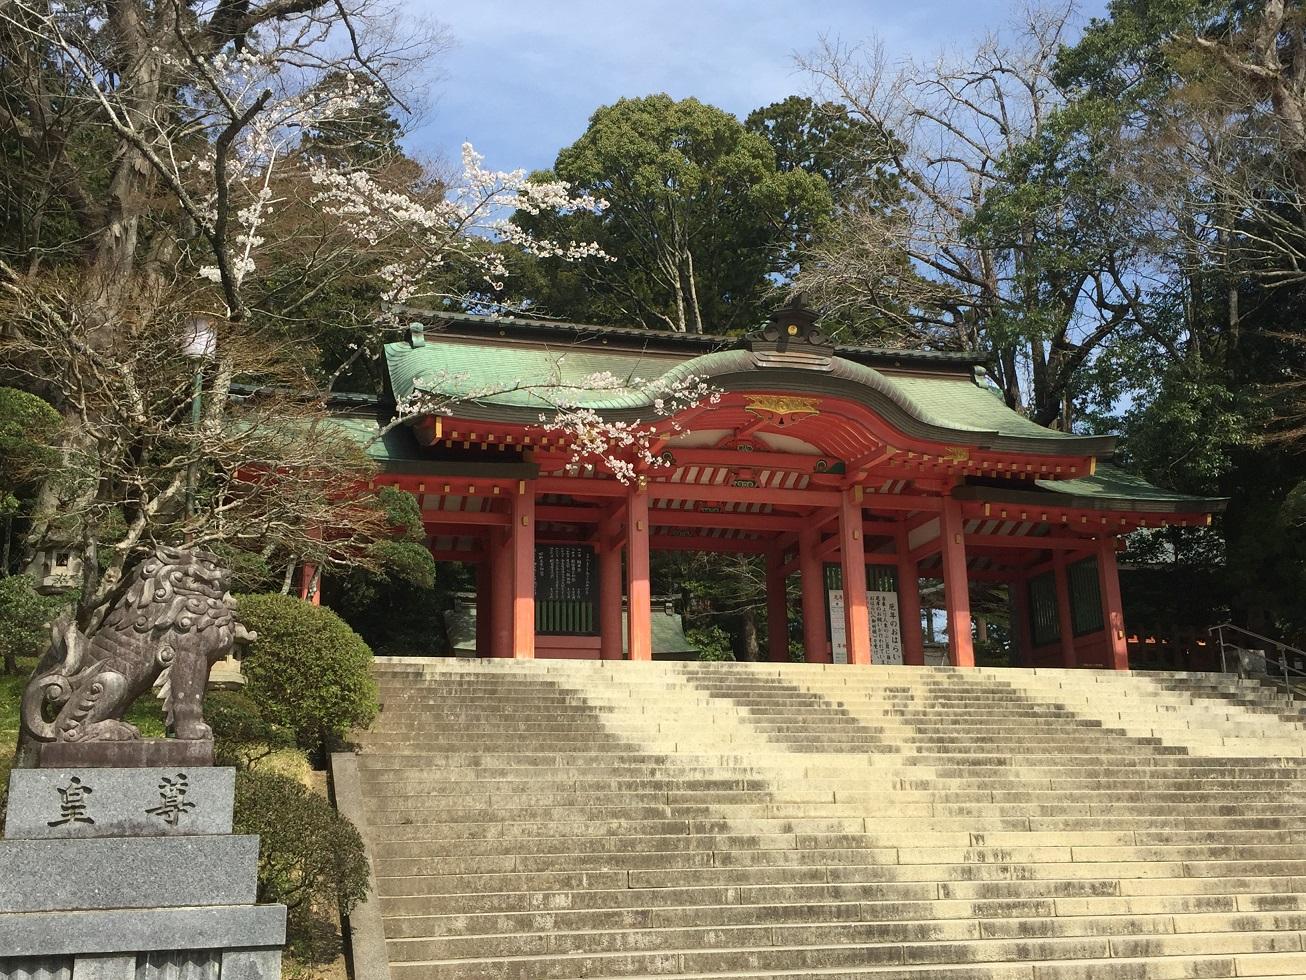 【東国三社】桜が美しい季節の『香取神宮』に参拝!車ならアクセスも容易です♪